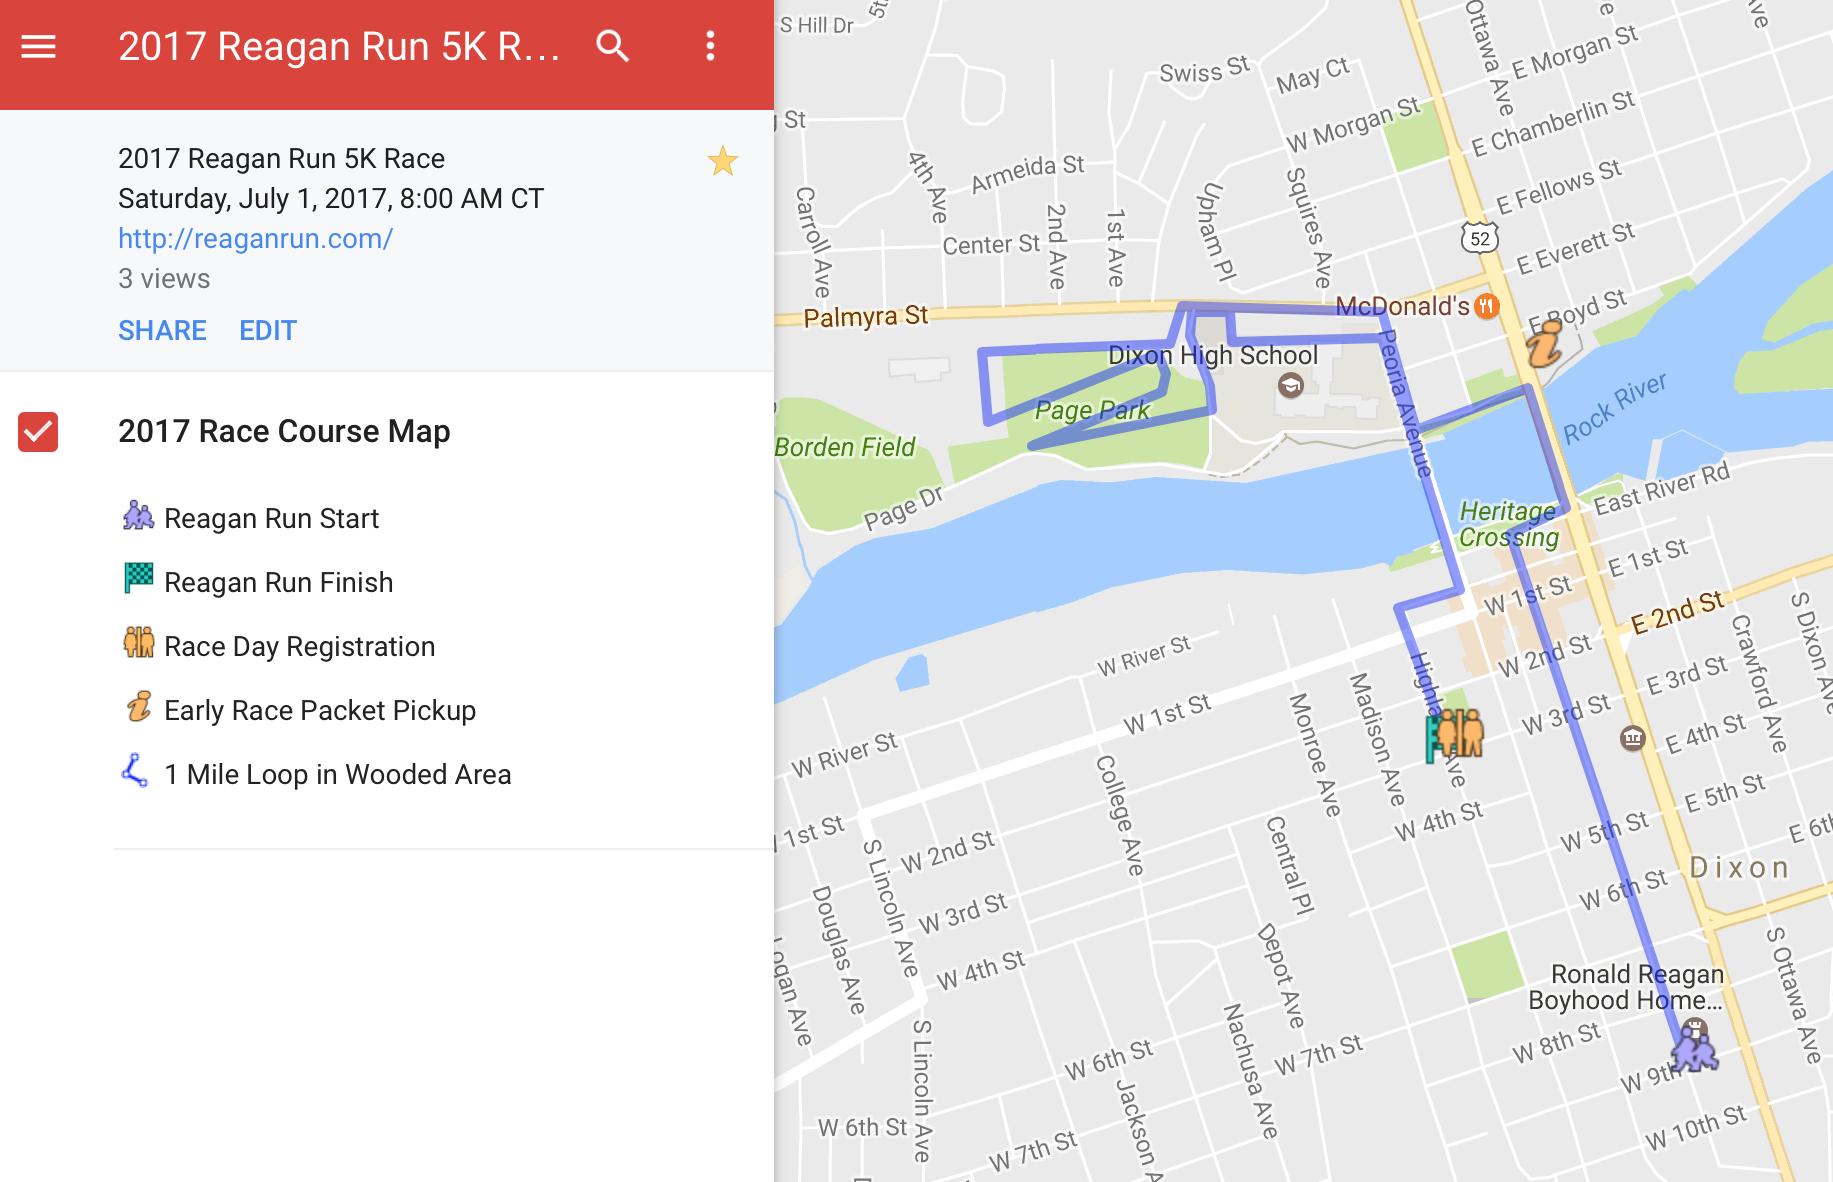 2017 Reagan Run Map